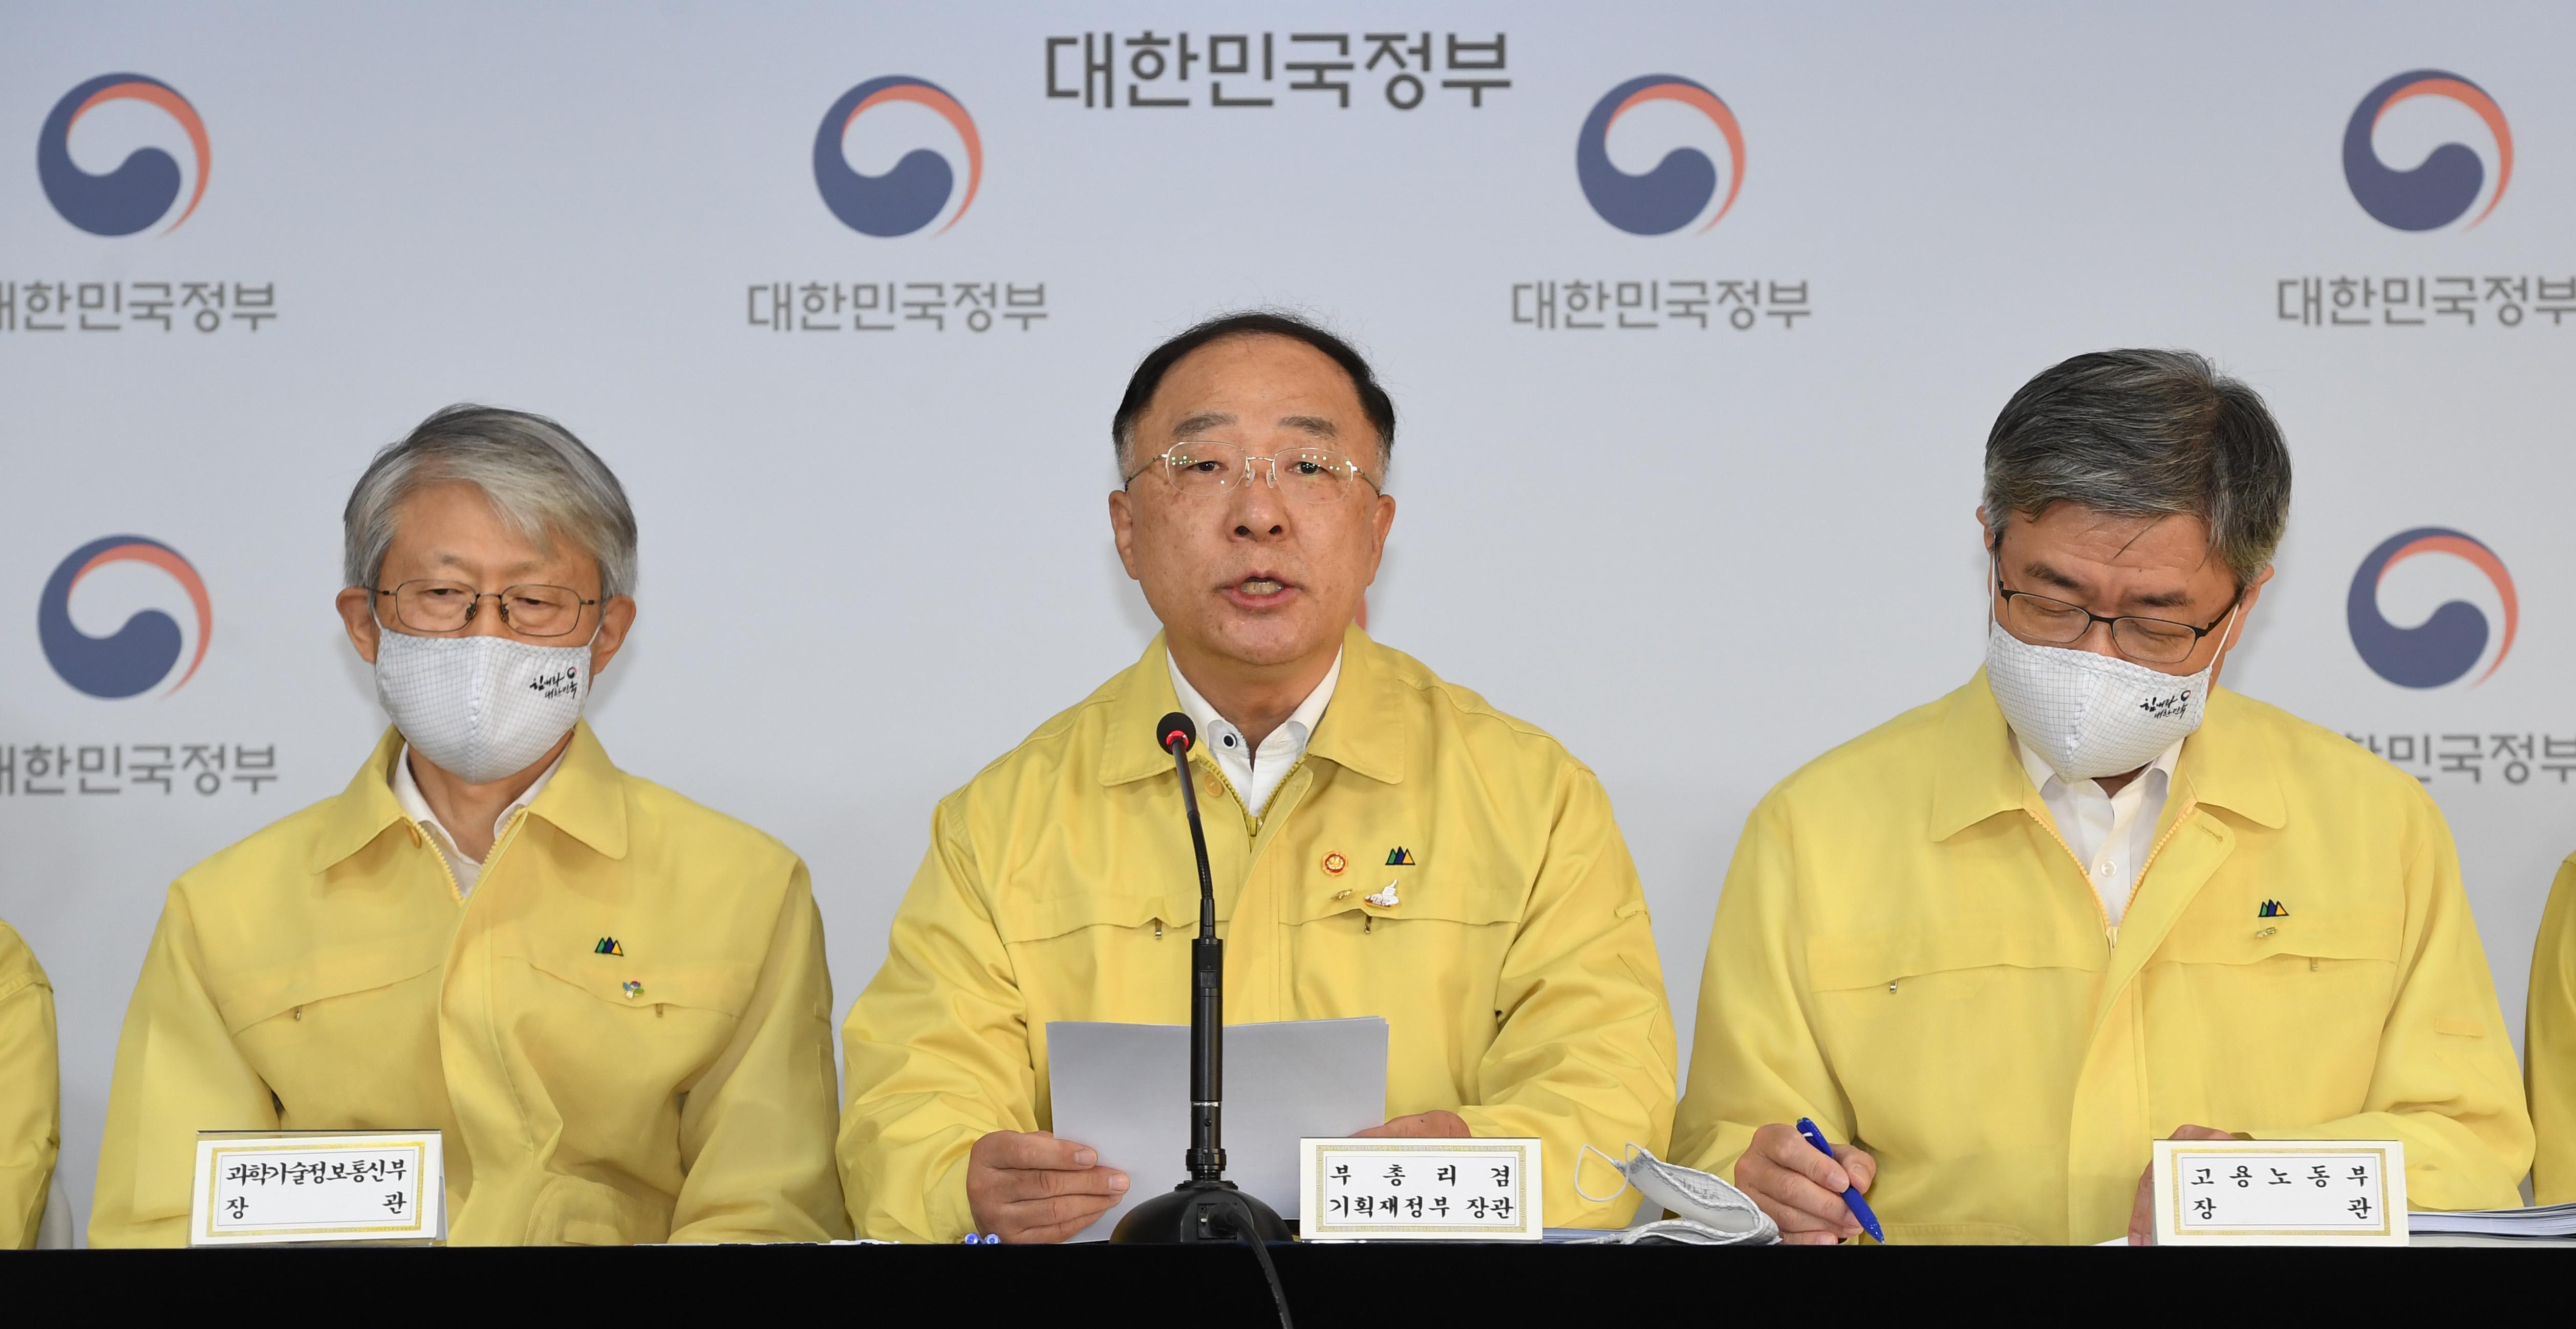 """홍남기 """"올해 성장률 0.1% 목표"""""""